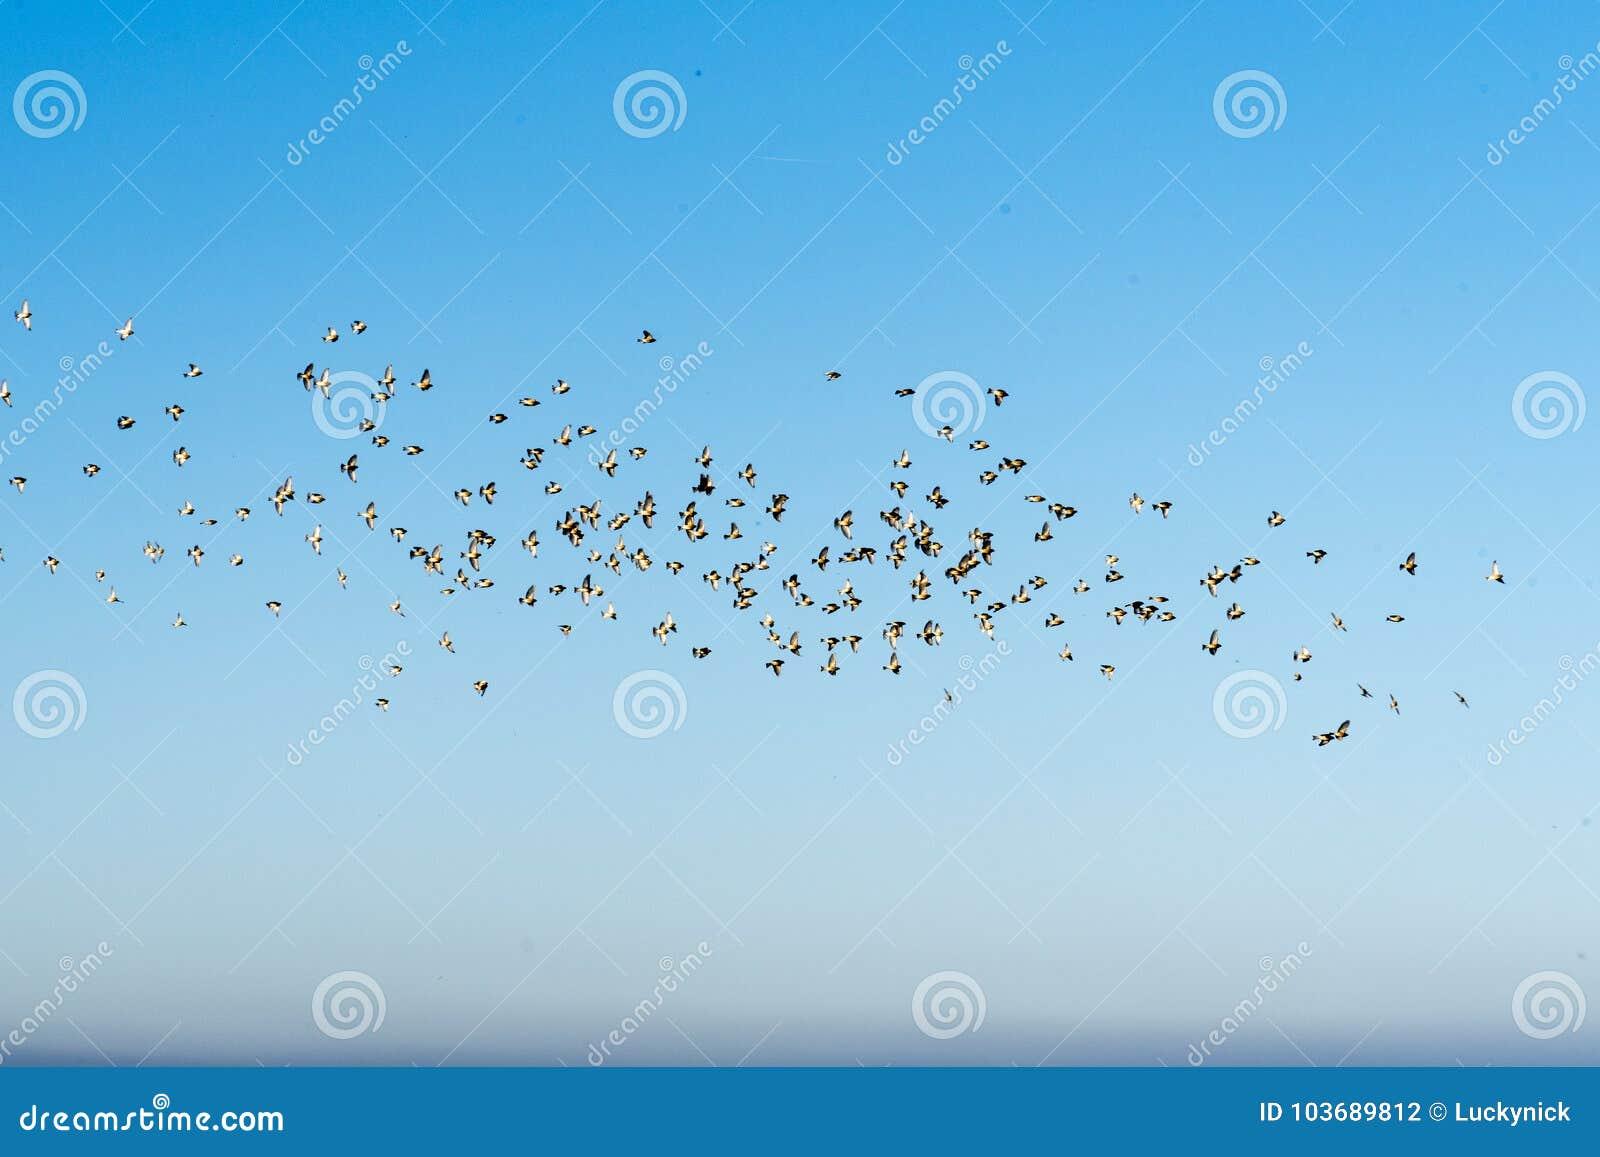 Moltitudine di uccelli su un cielo blu